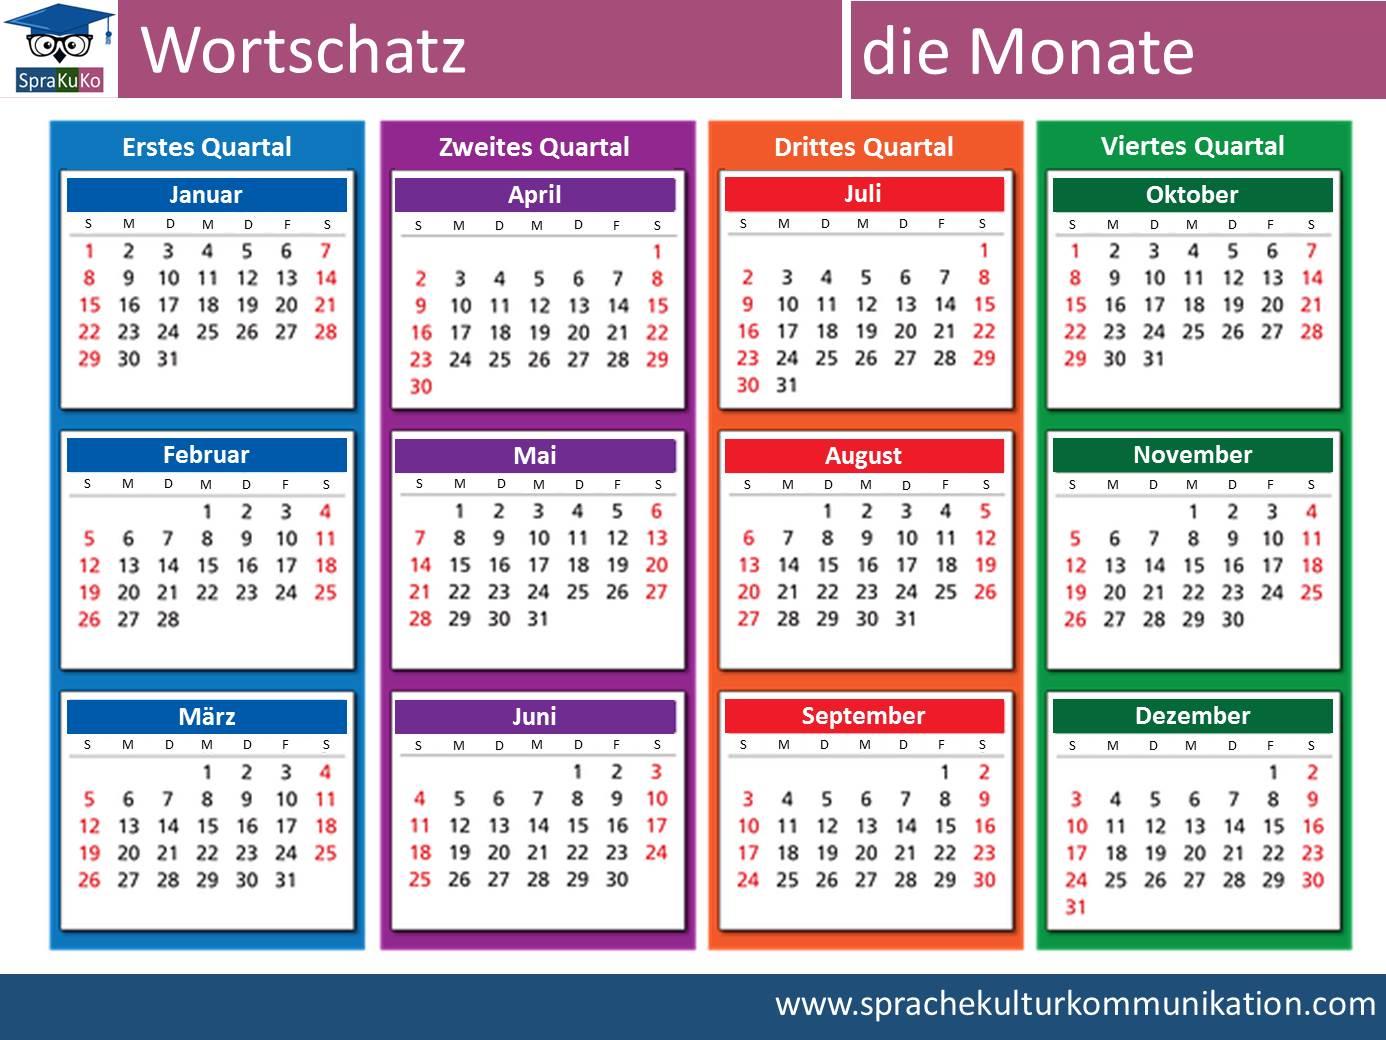 Wortschatz Monate.jpg